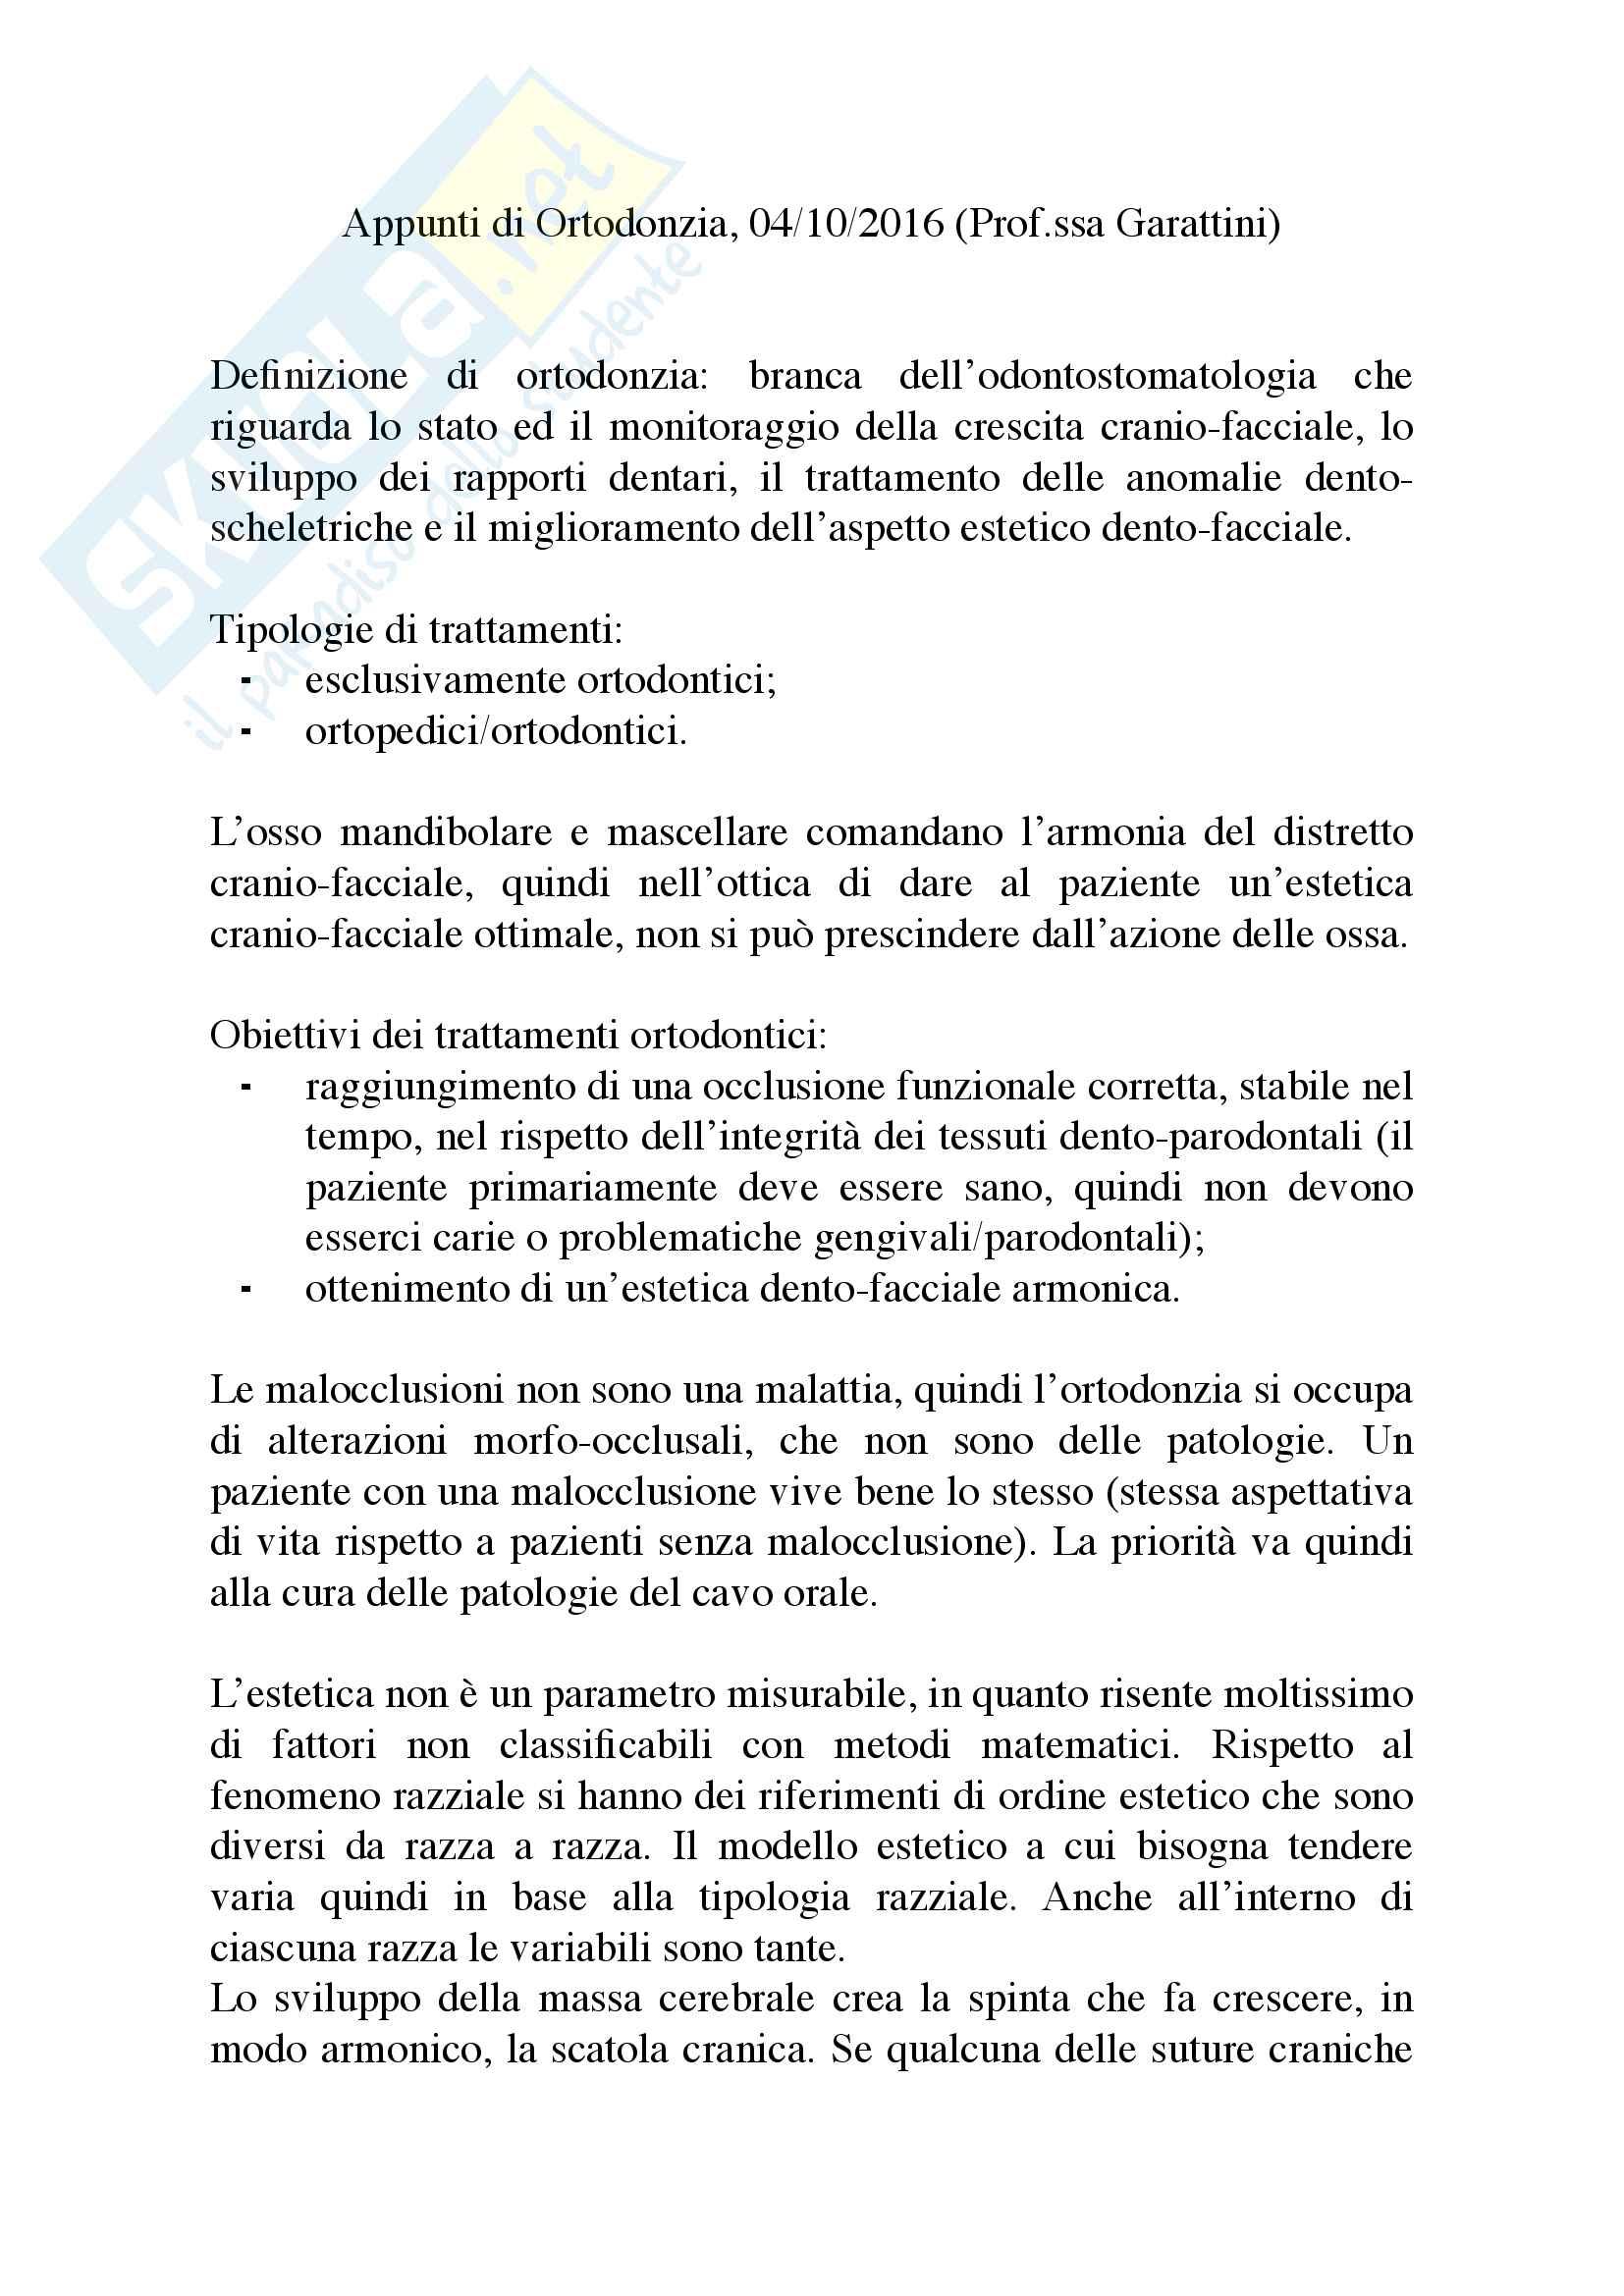 Appunti di Ortodonzia